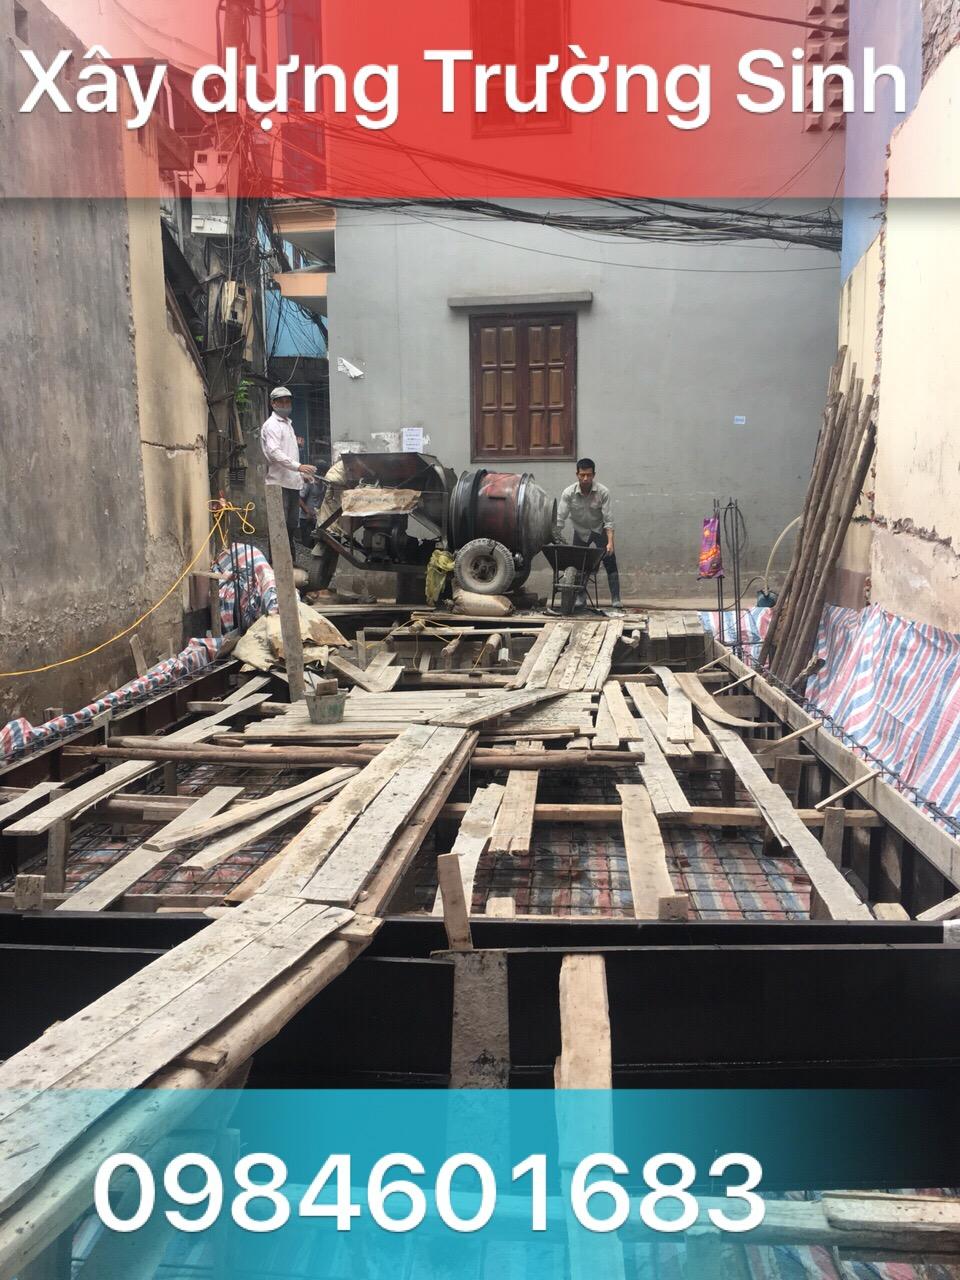 Bảng báo giá xây dựng nhà trọn gói tại Hà Nội